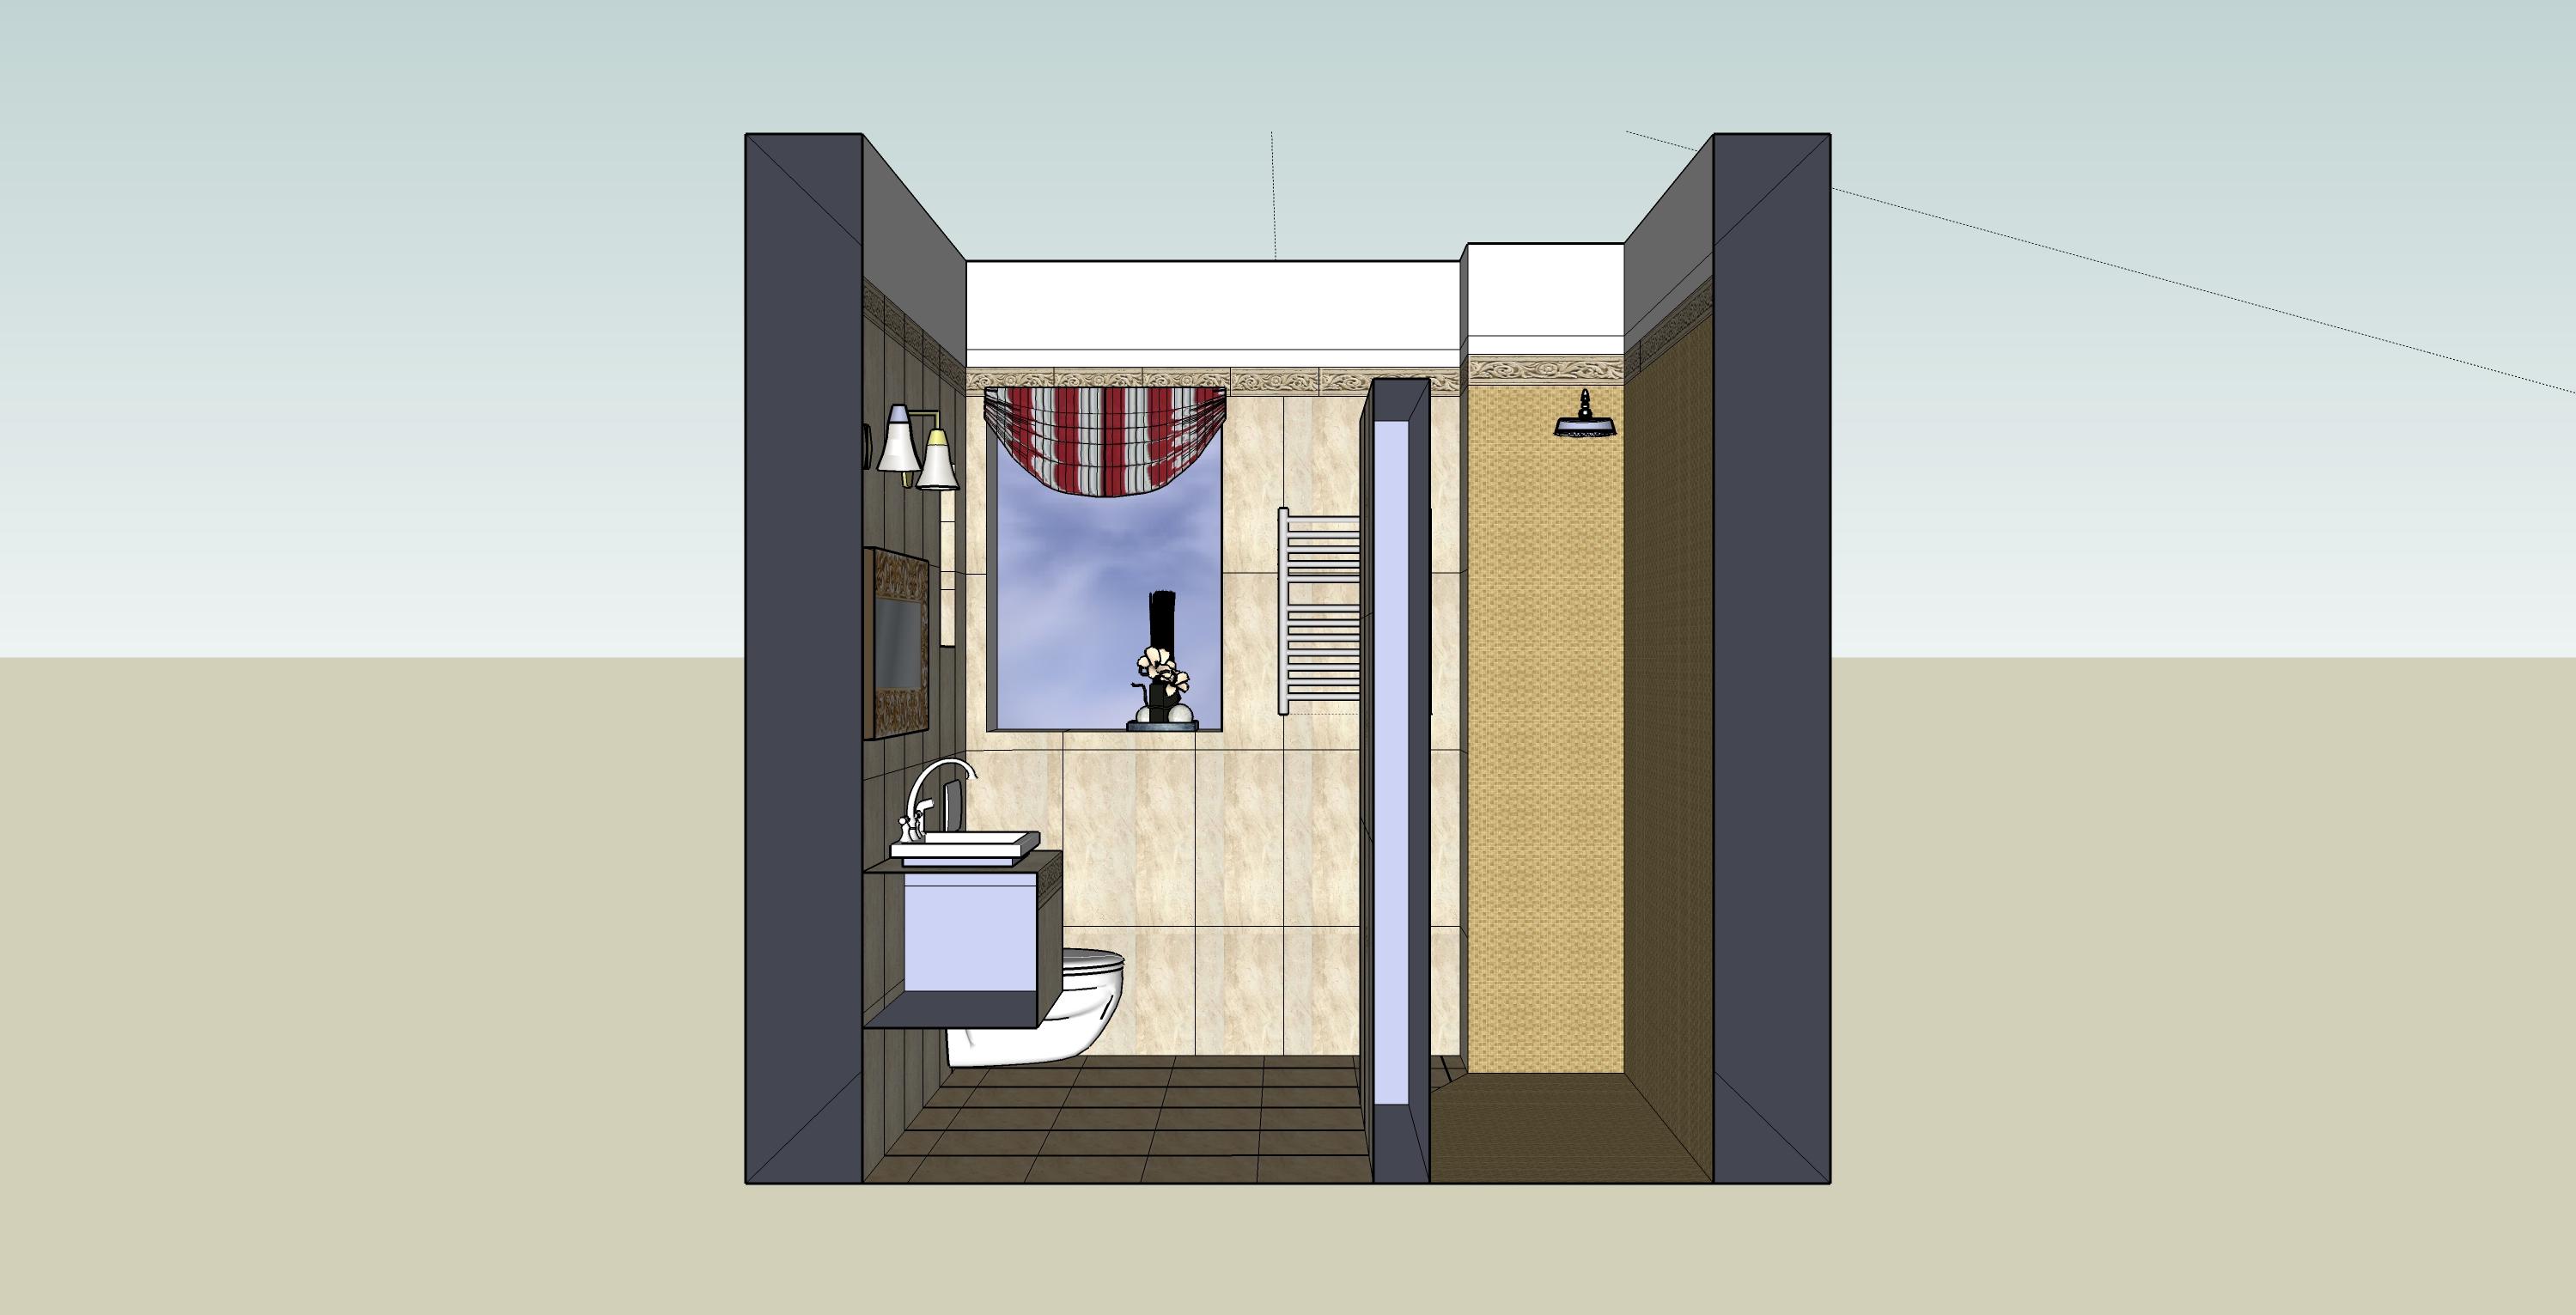 łazienka sketchUp-przekrój4